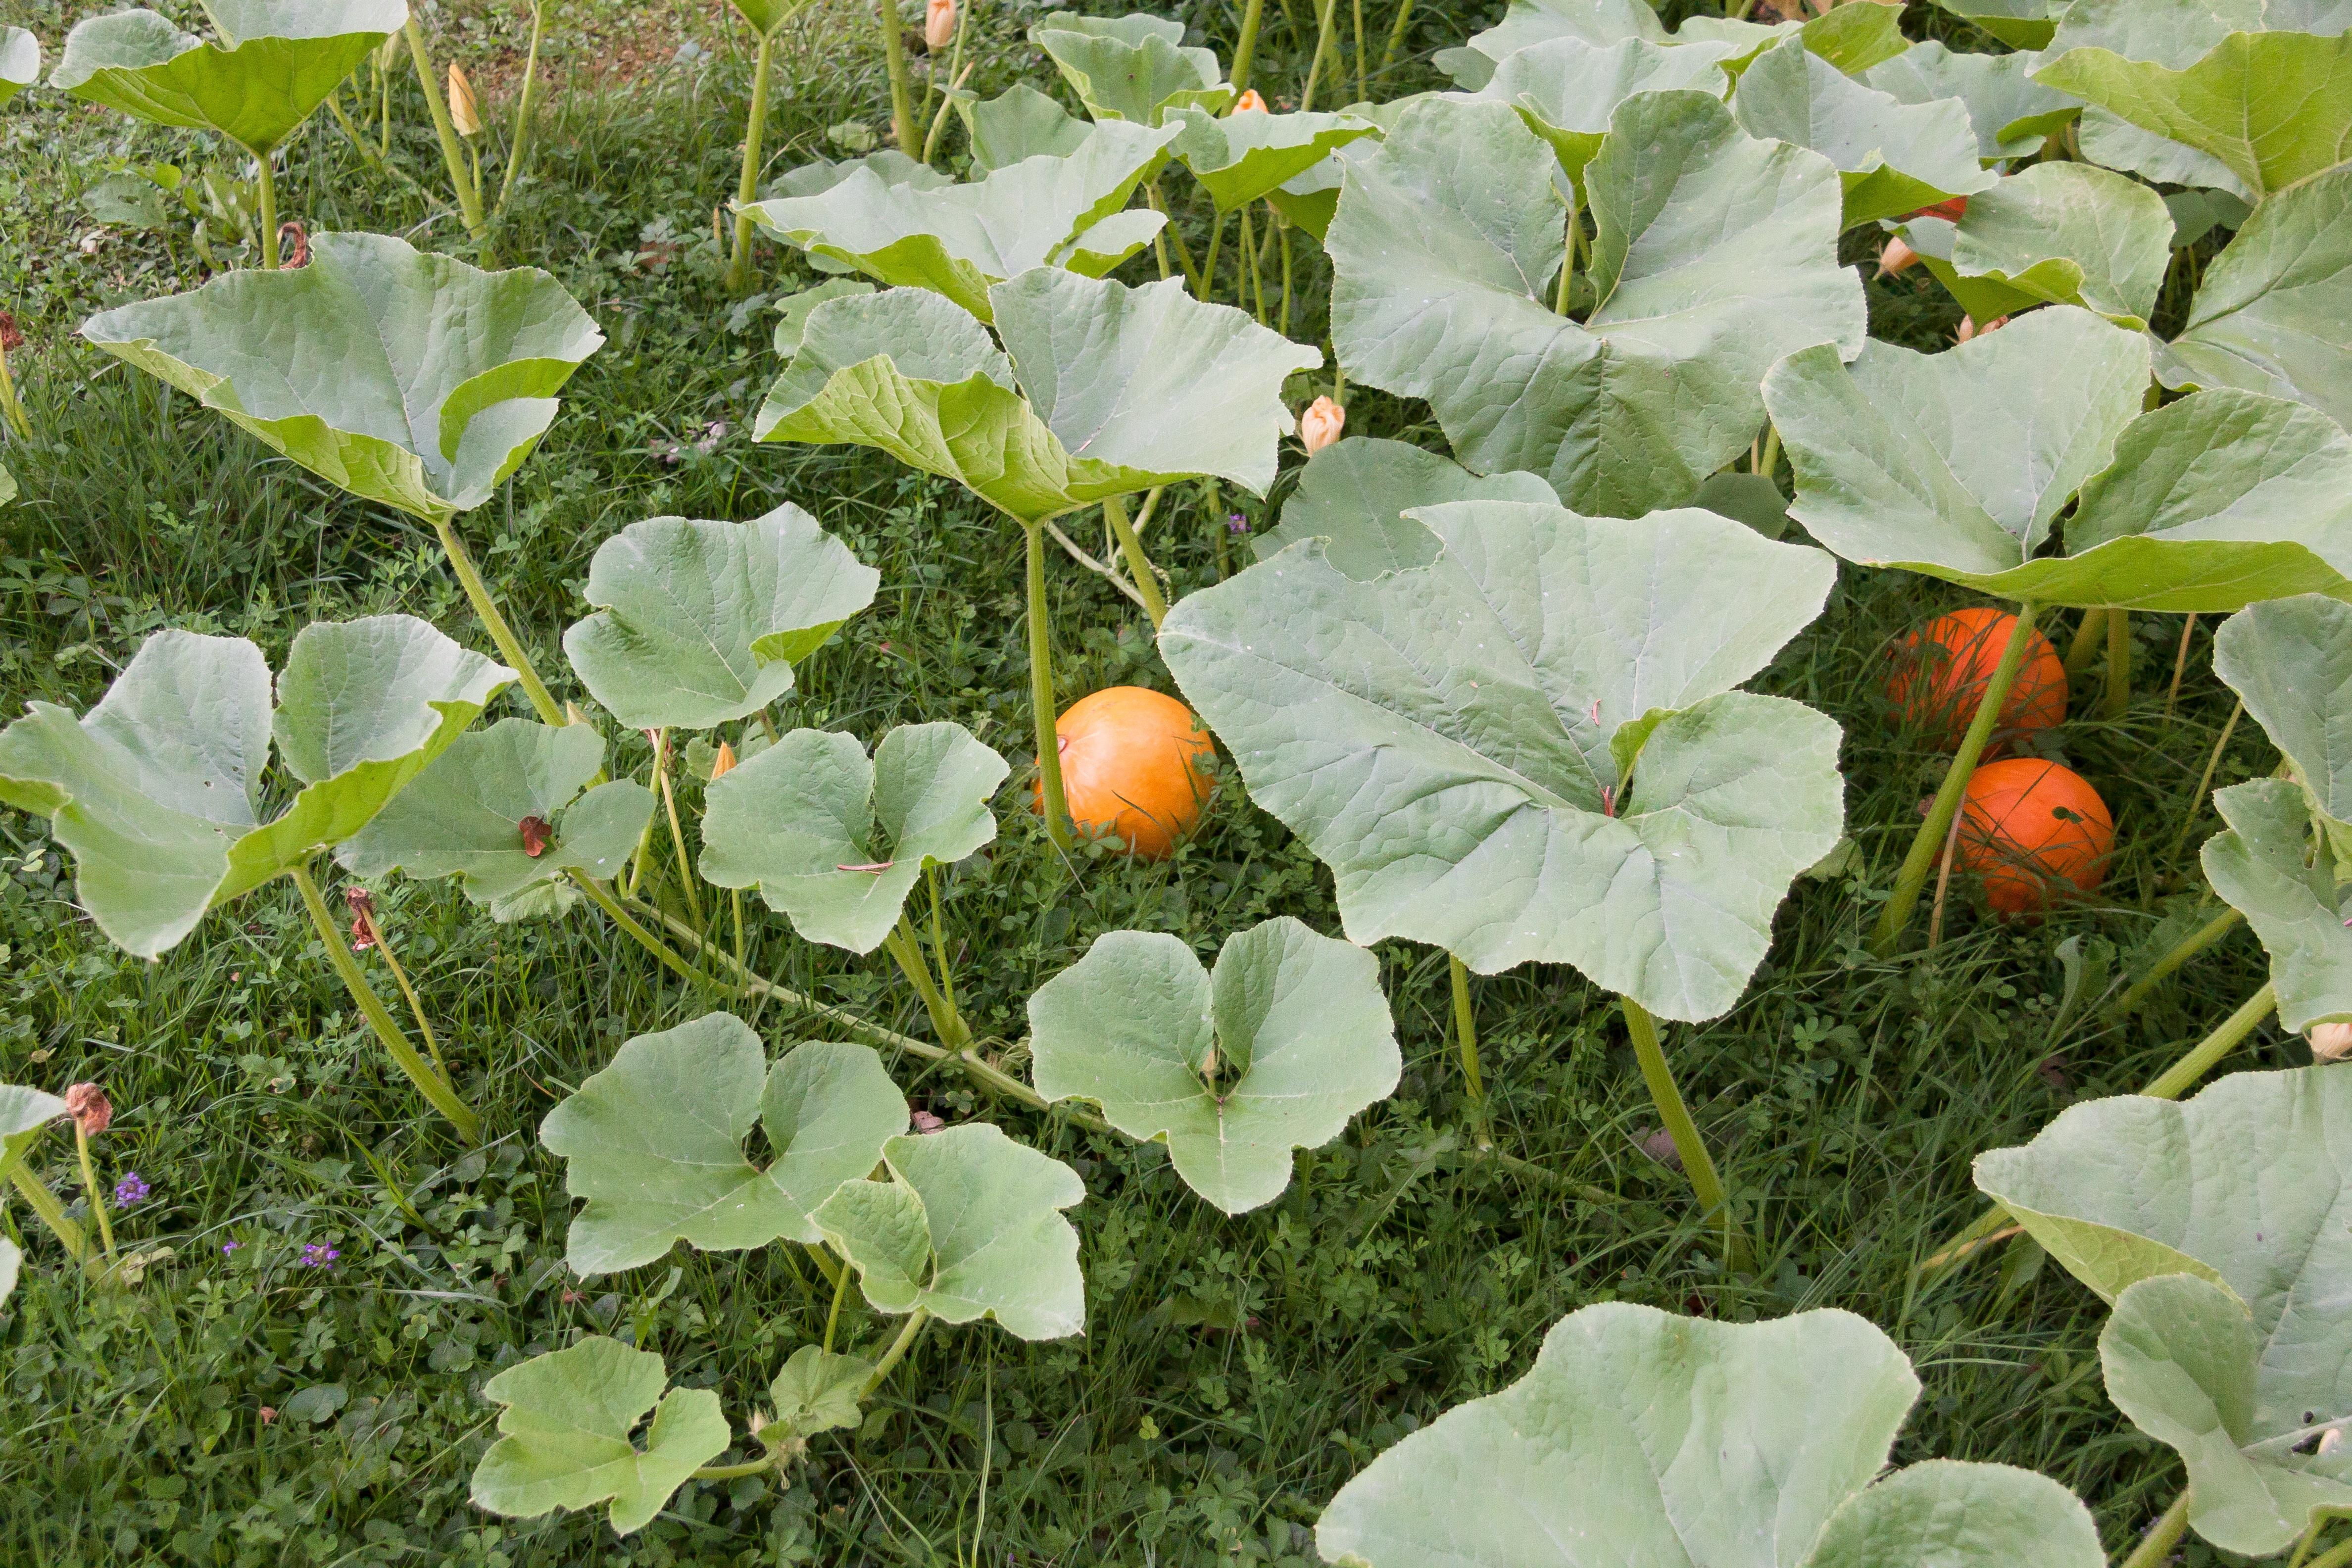 free images nature fruit leaf flower orange food green